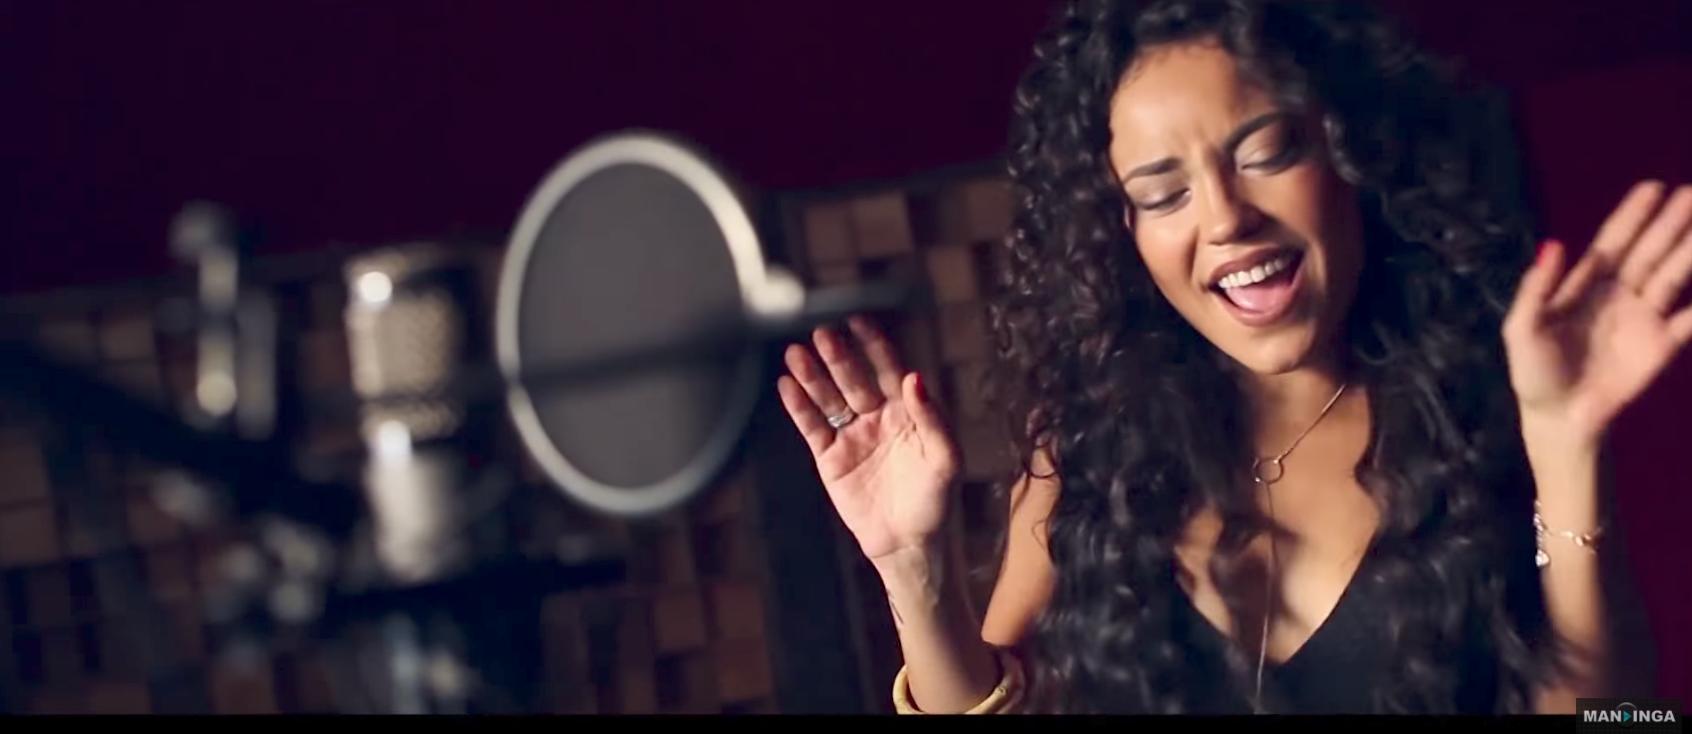 Cover exceptional: Mandinga canta alaturi de Tito Nieves